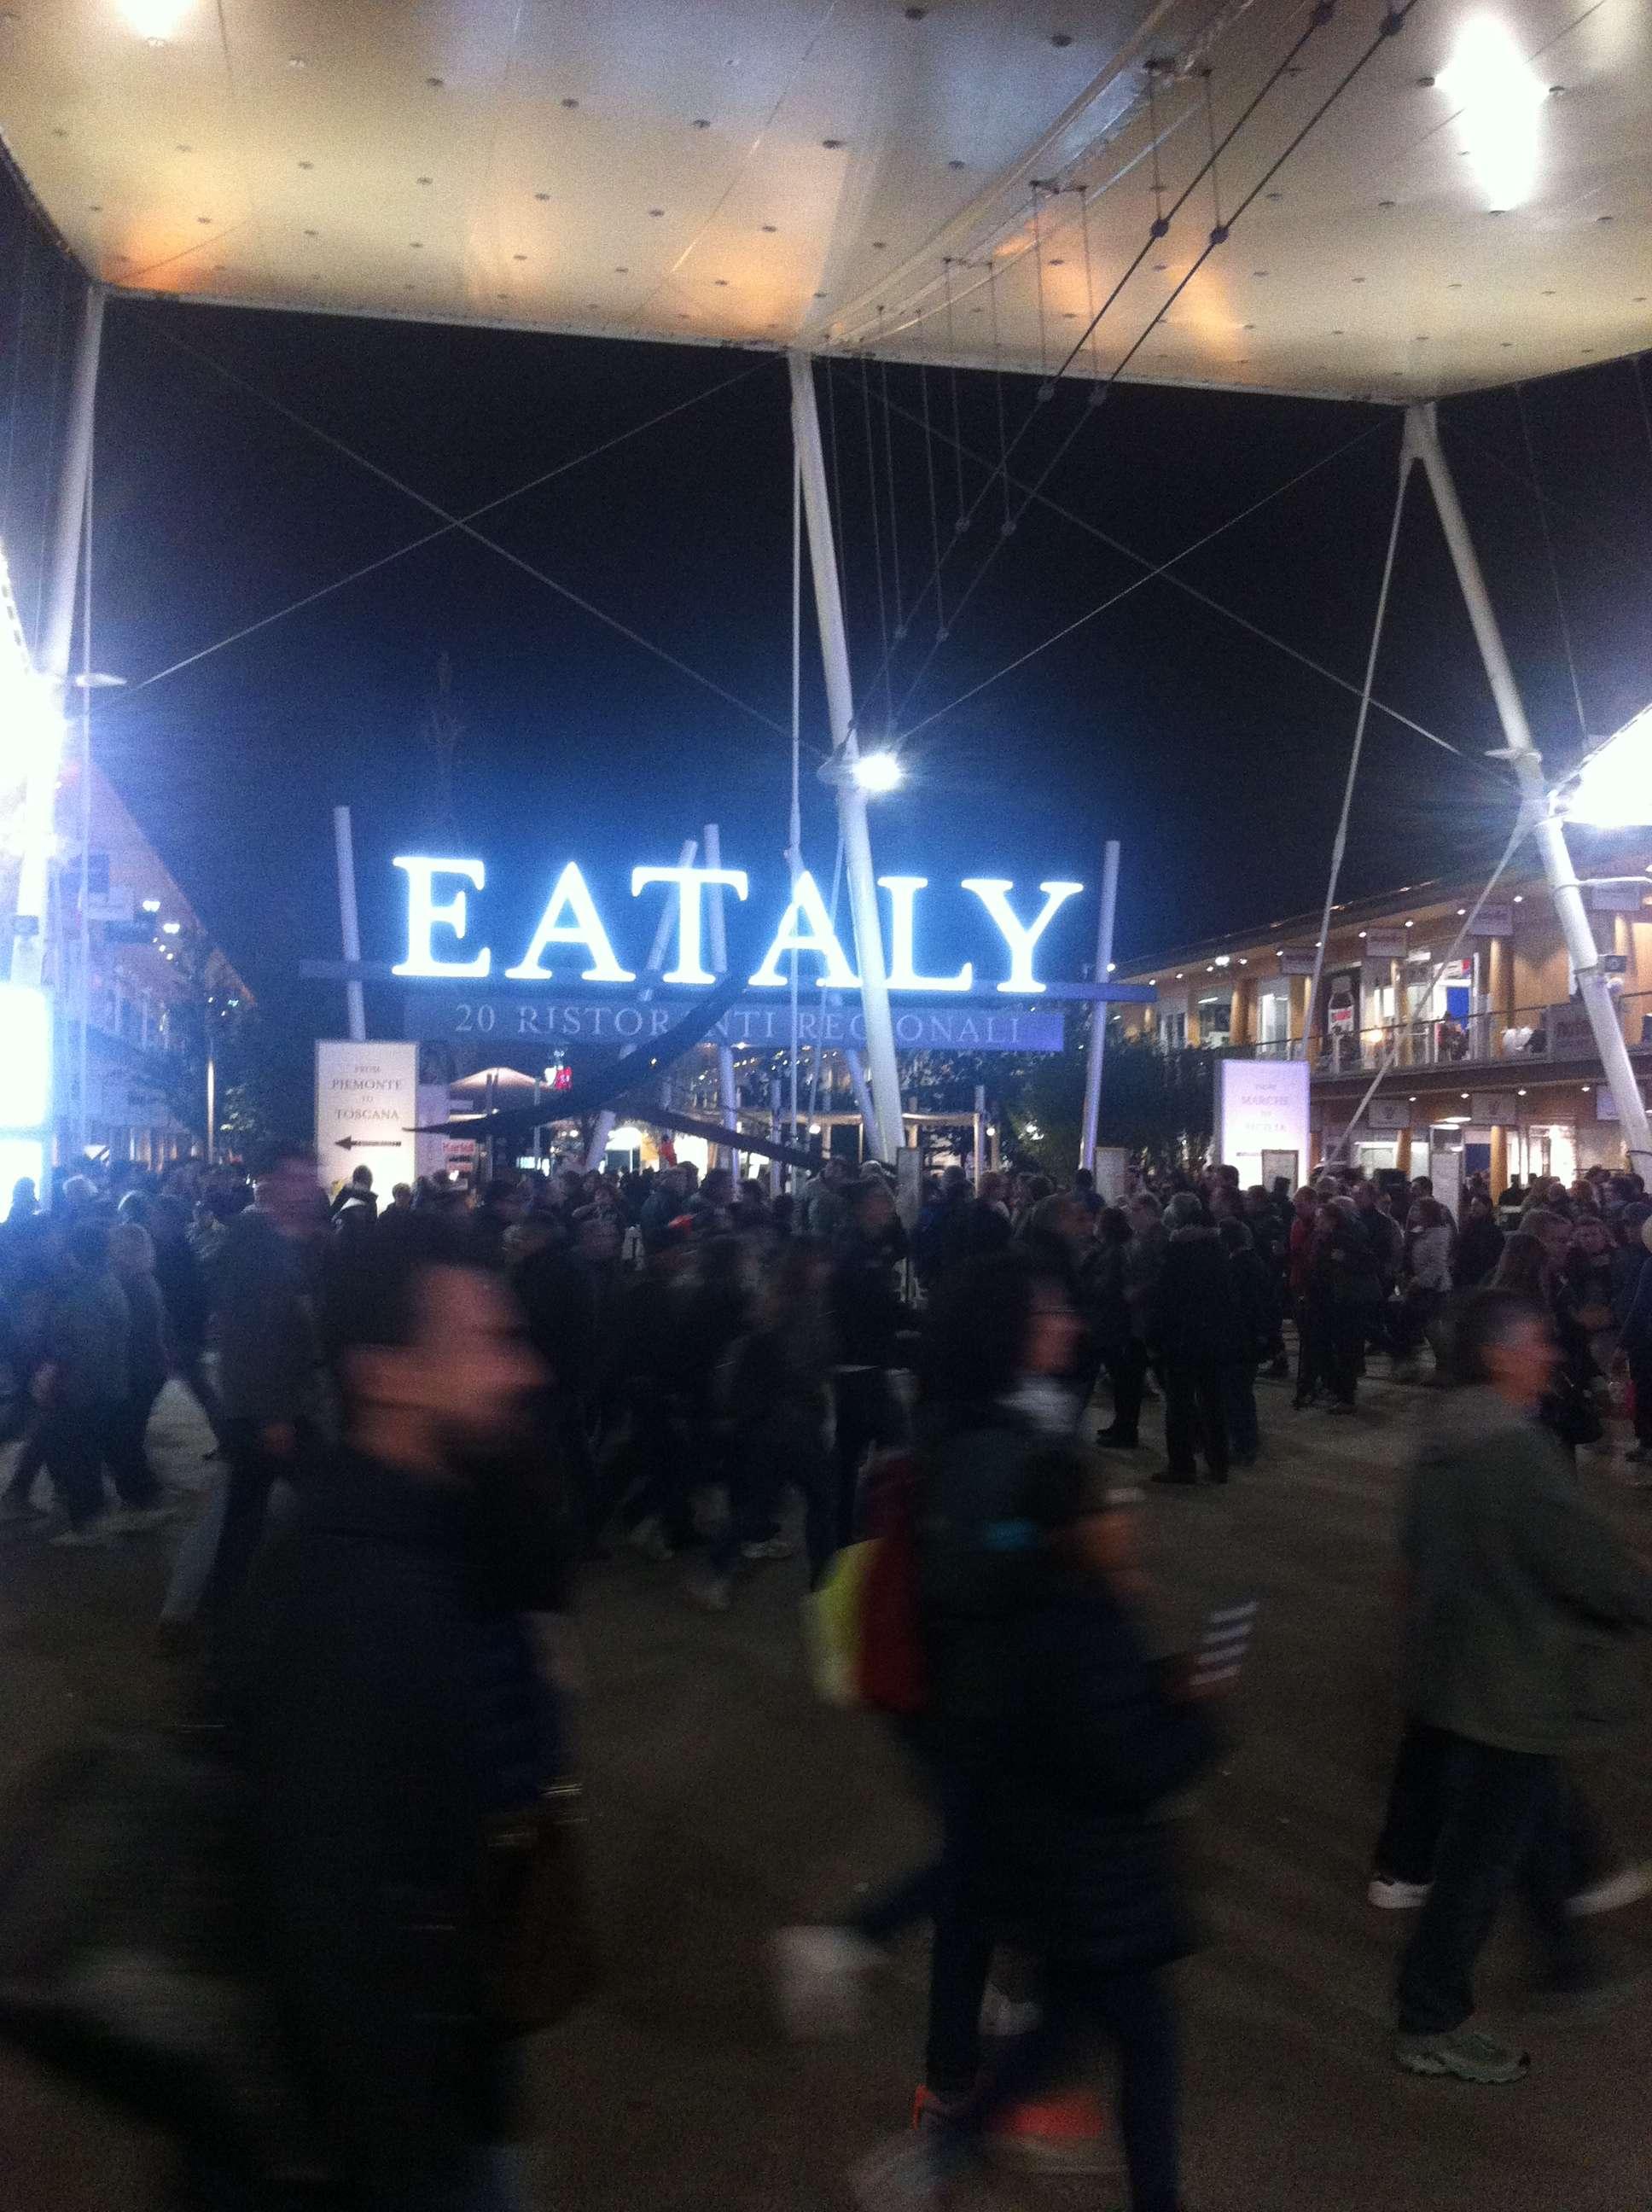 Eataly, unul din locurile unde puteai gàsi din belsug numai (20) restaurante italienesti